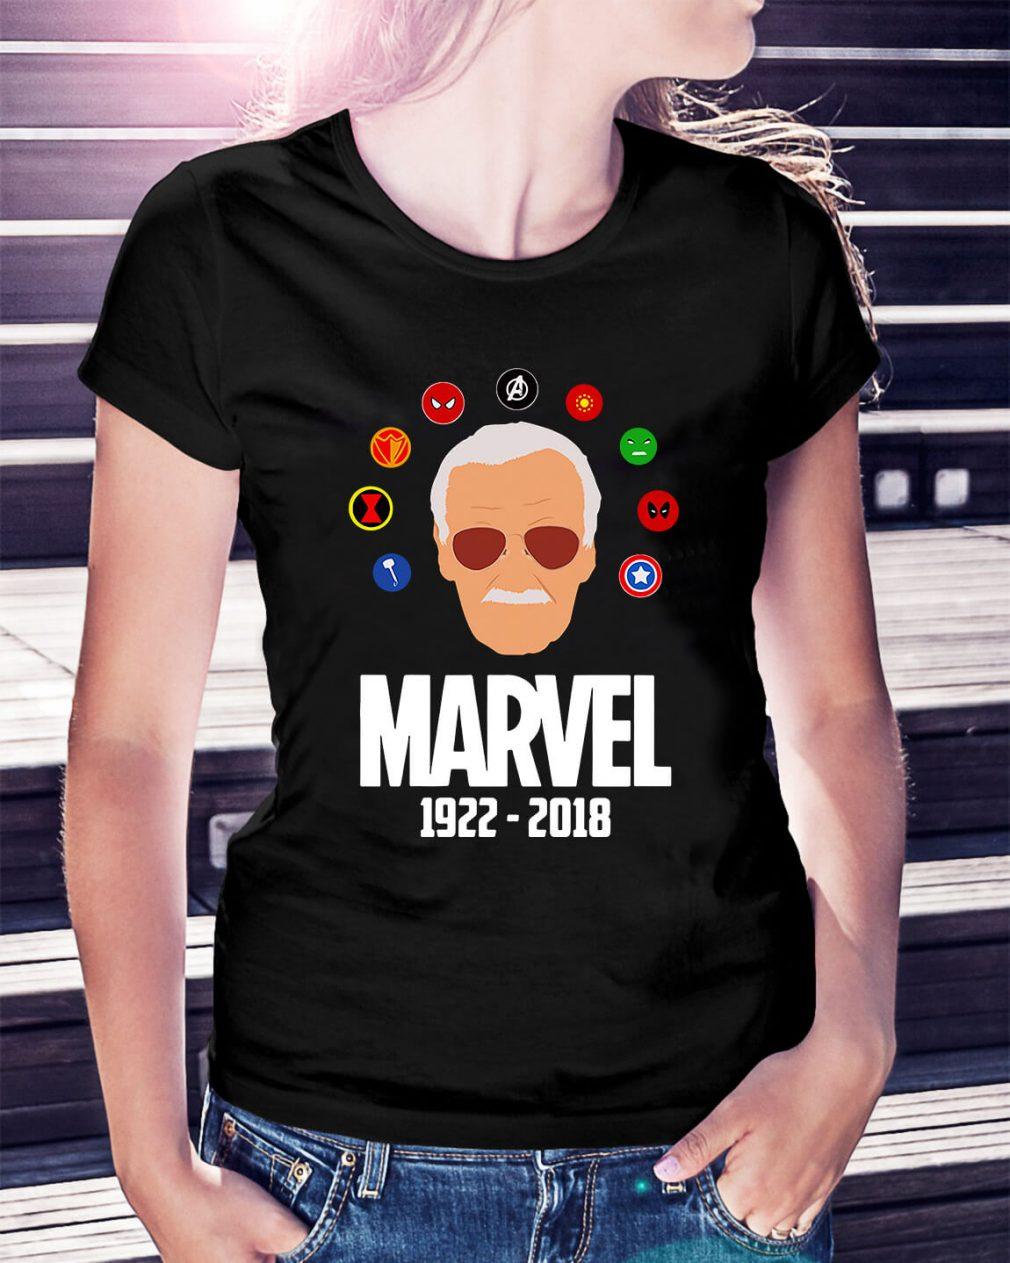 Rip Stan Lee 1922 - 2018 with all Marvel Hero Ladies Tee